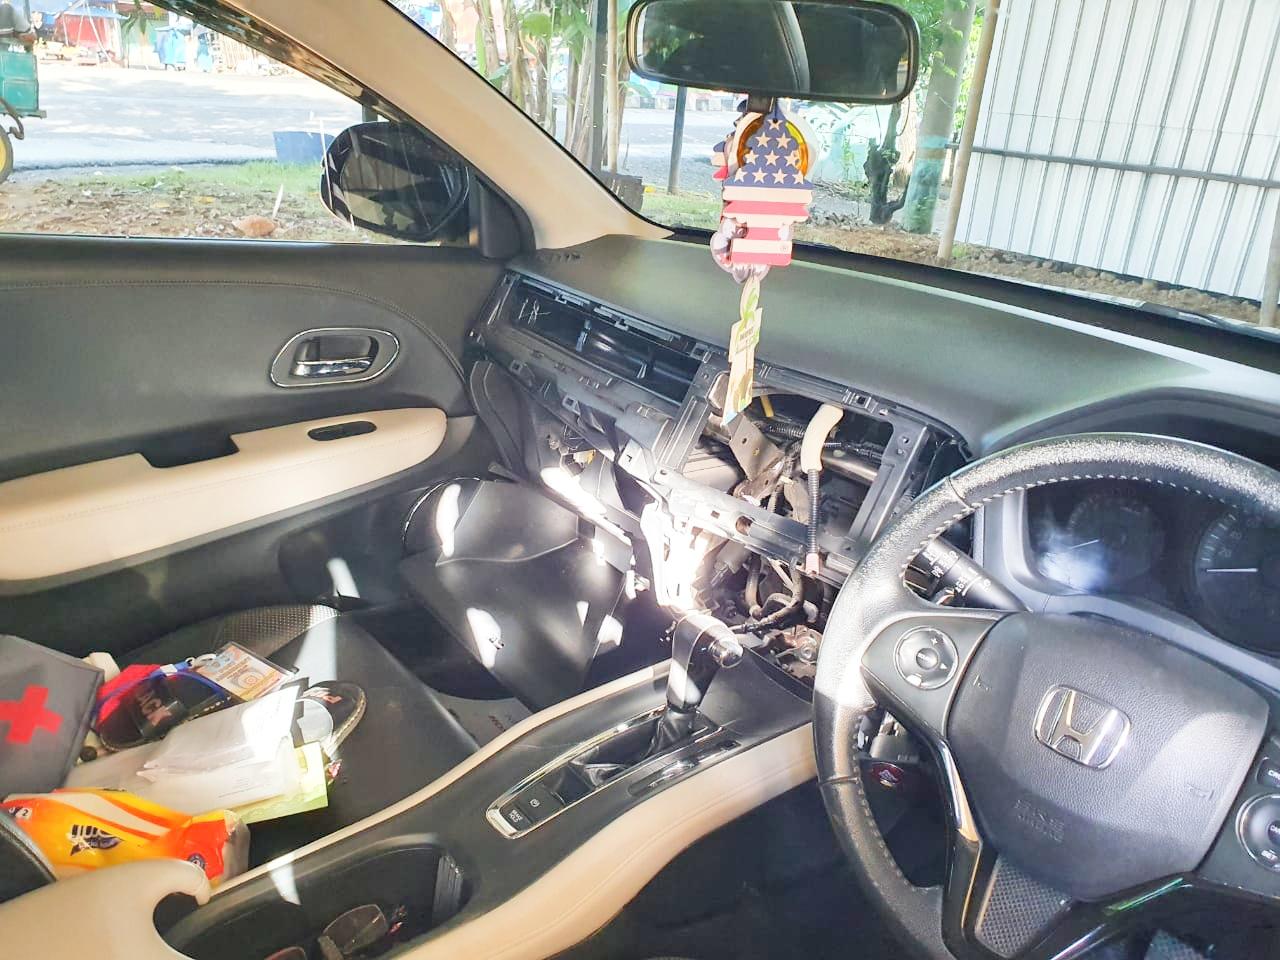 Mobil Perwira Polisi Dibobol Maling, Pencurian Tape Mobil Marak di Maros